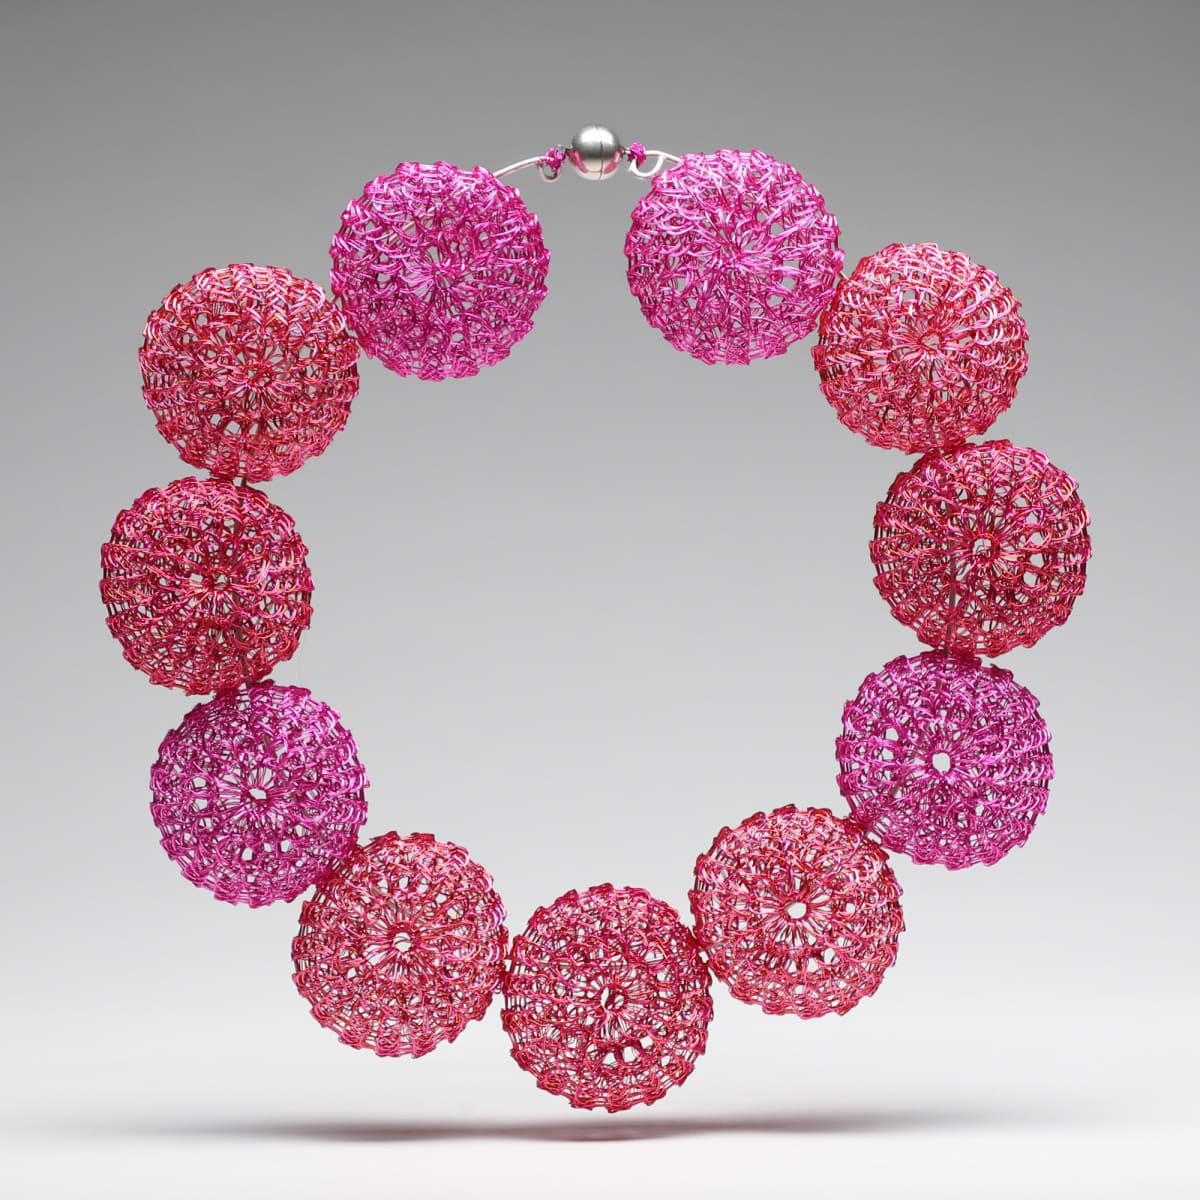 Arline Fisch, Knitted Round Beads, 2017